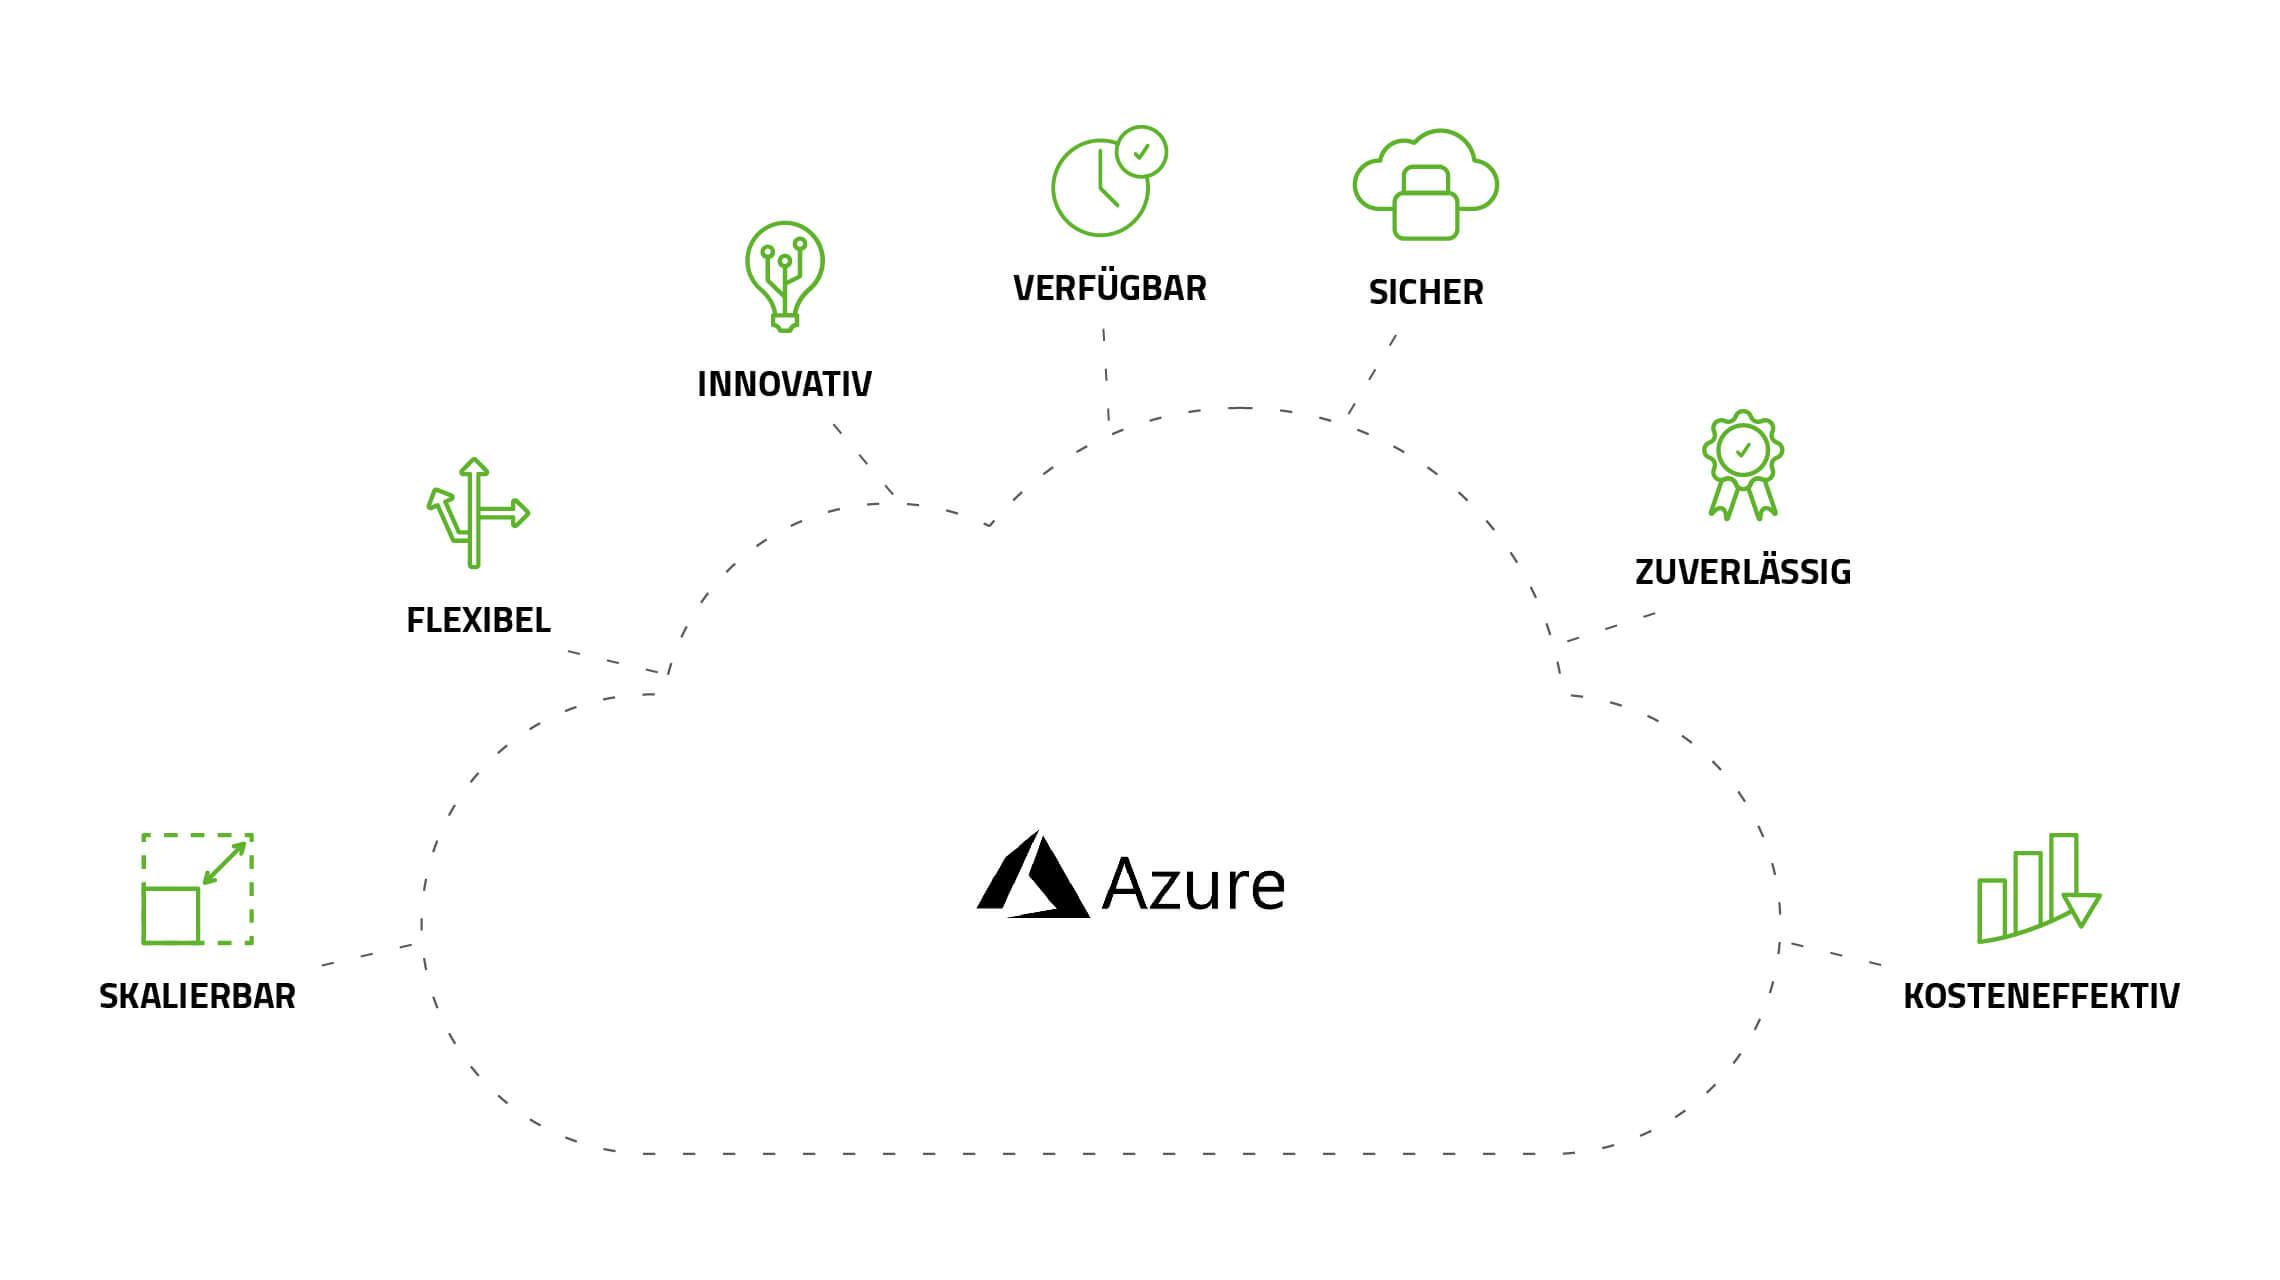 Vorteile von Microsoft Azure